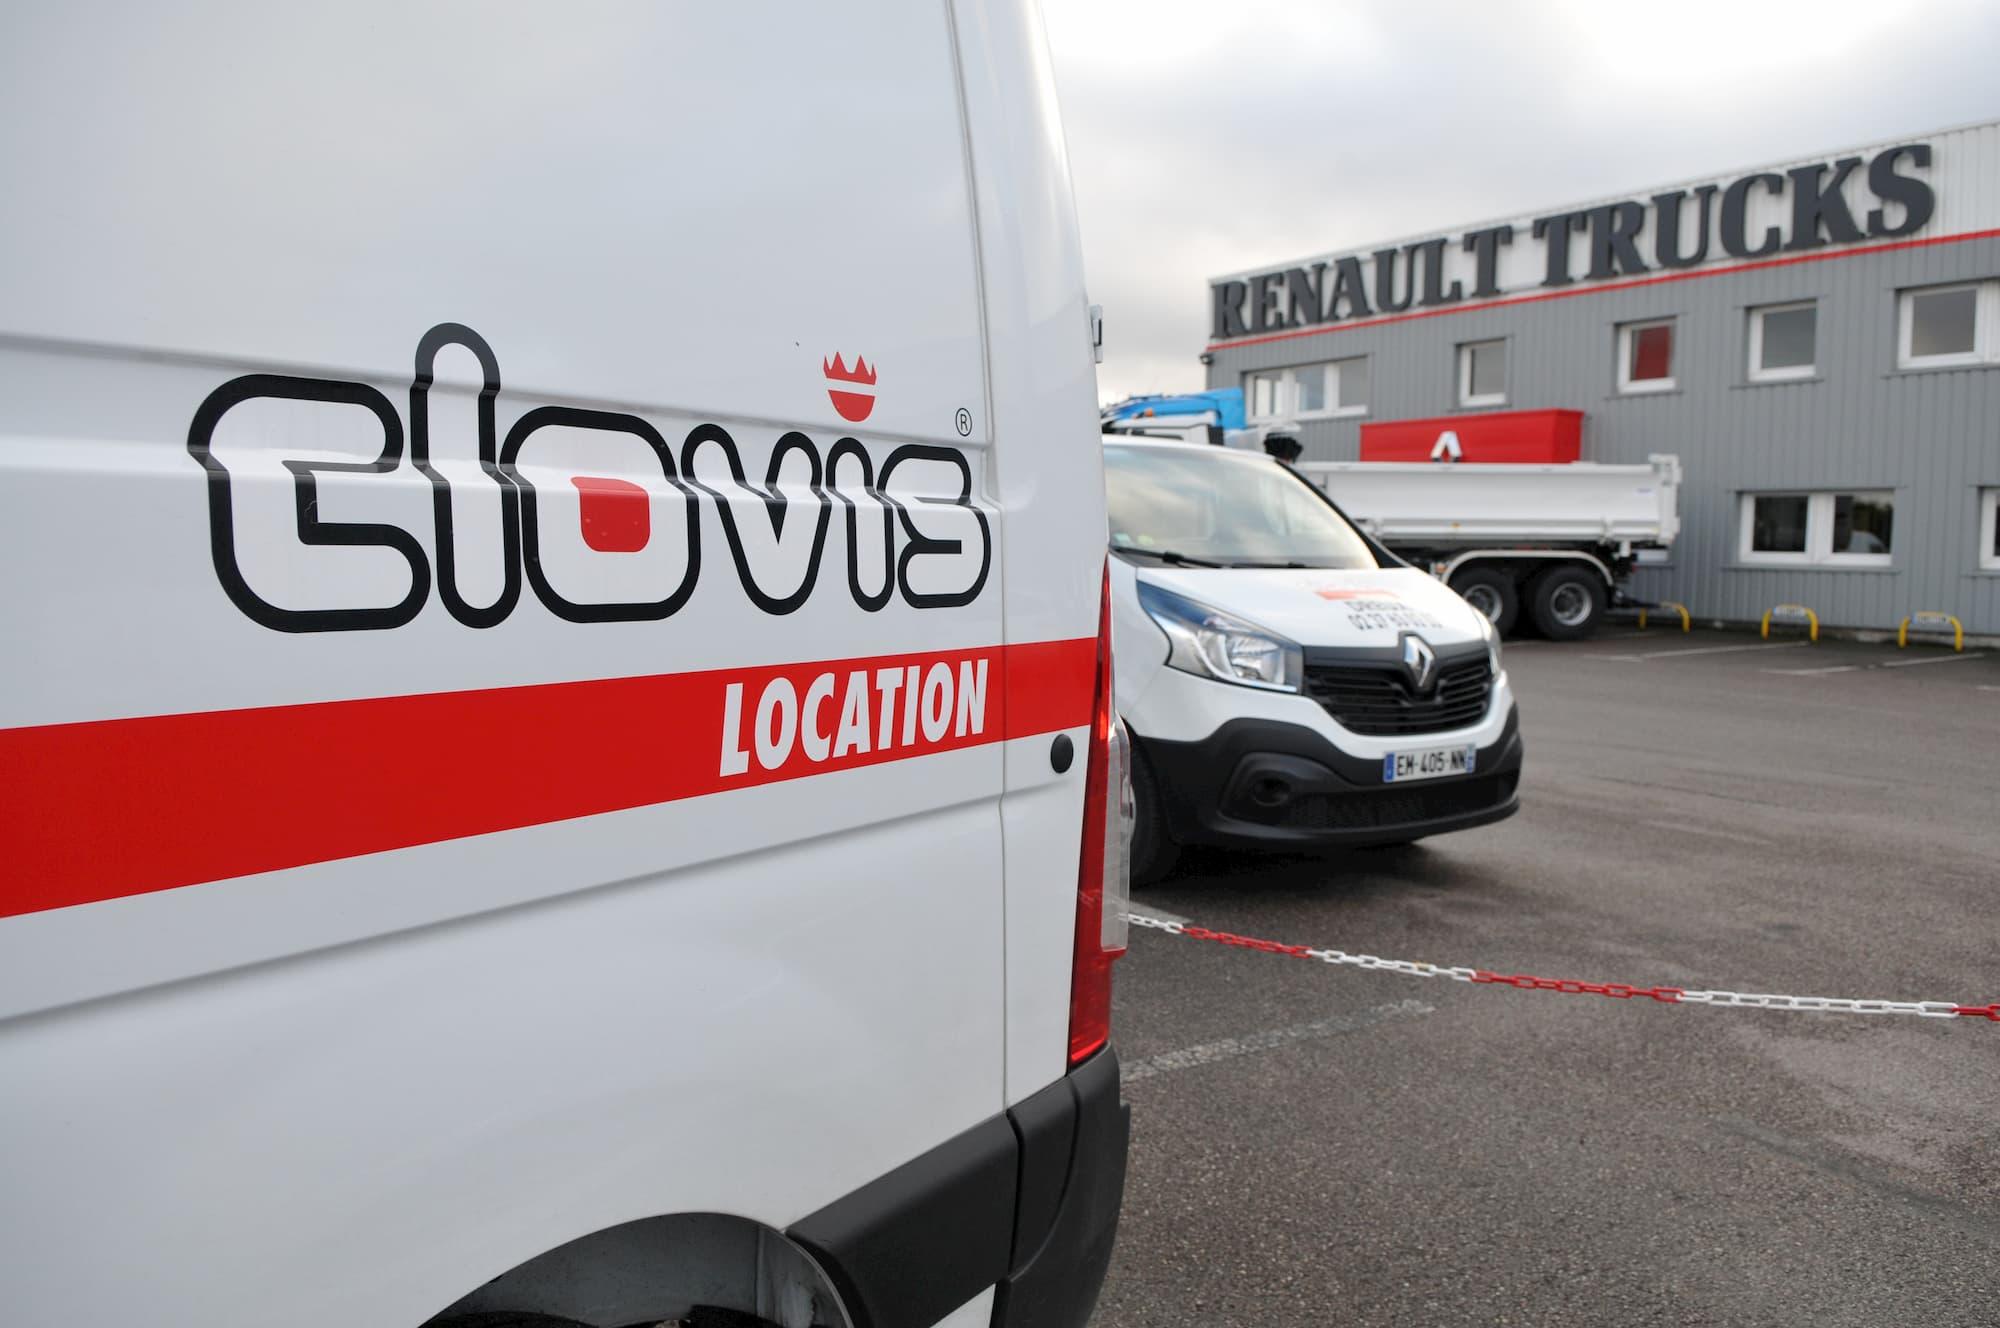 Groupe Renaudeau partenaire de Clovis Location pour la location de VI et camions